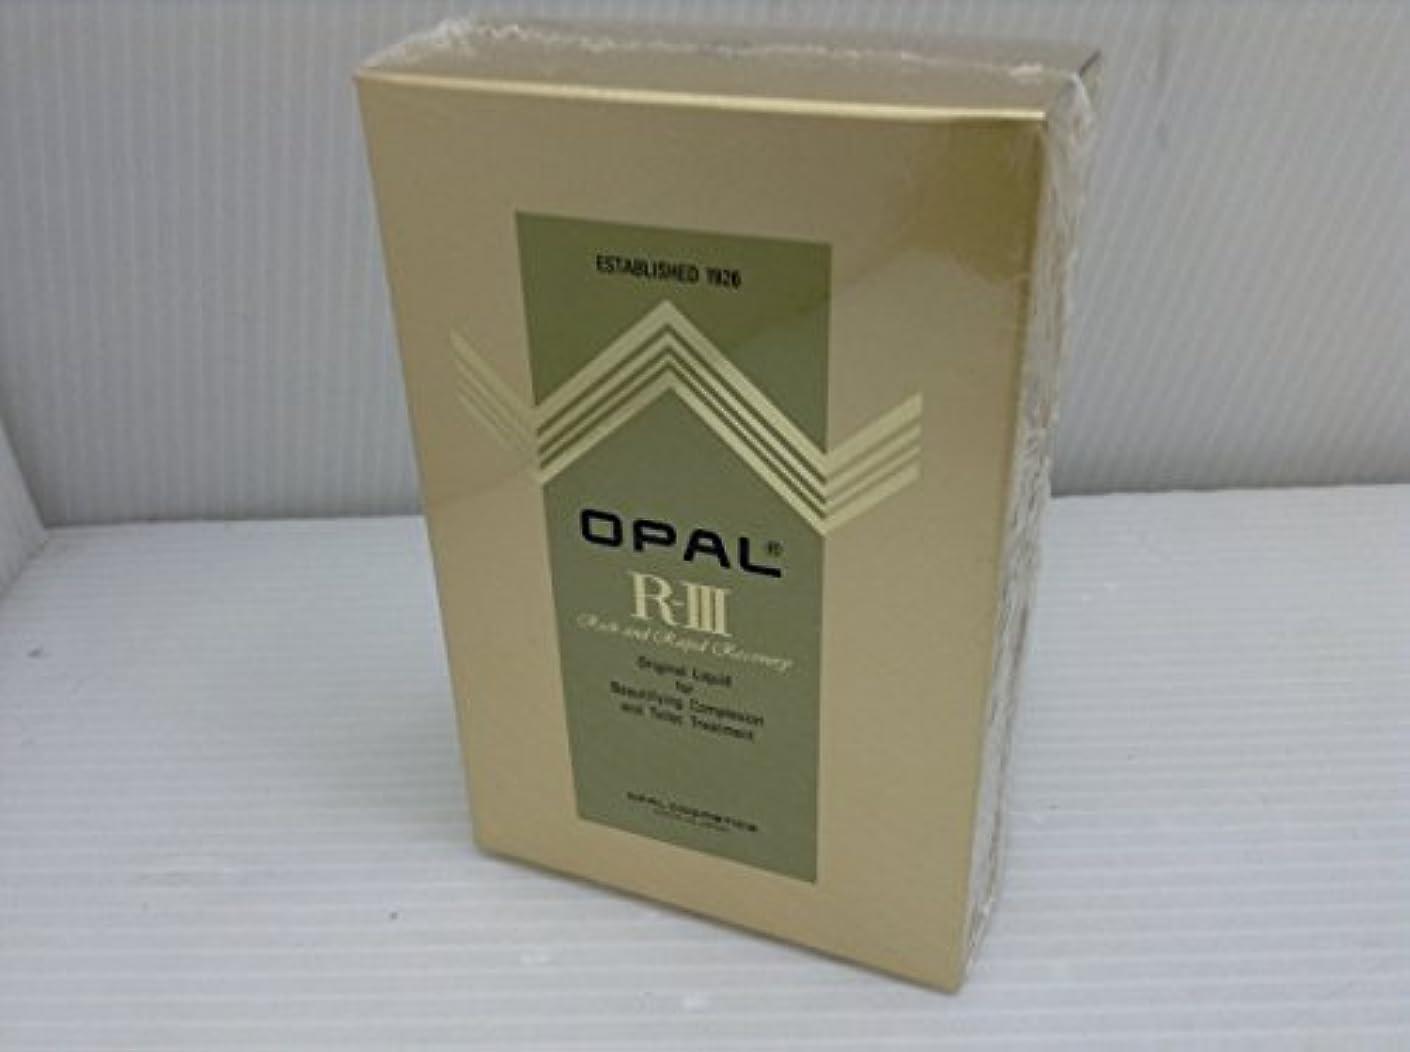 パステルいたずら素晴らしいオパール化粧品 美容原液 薬用オパール R-III (150ml)